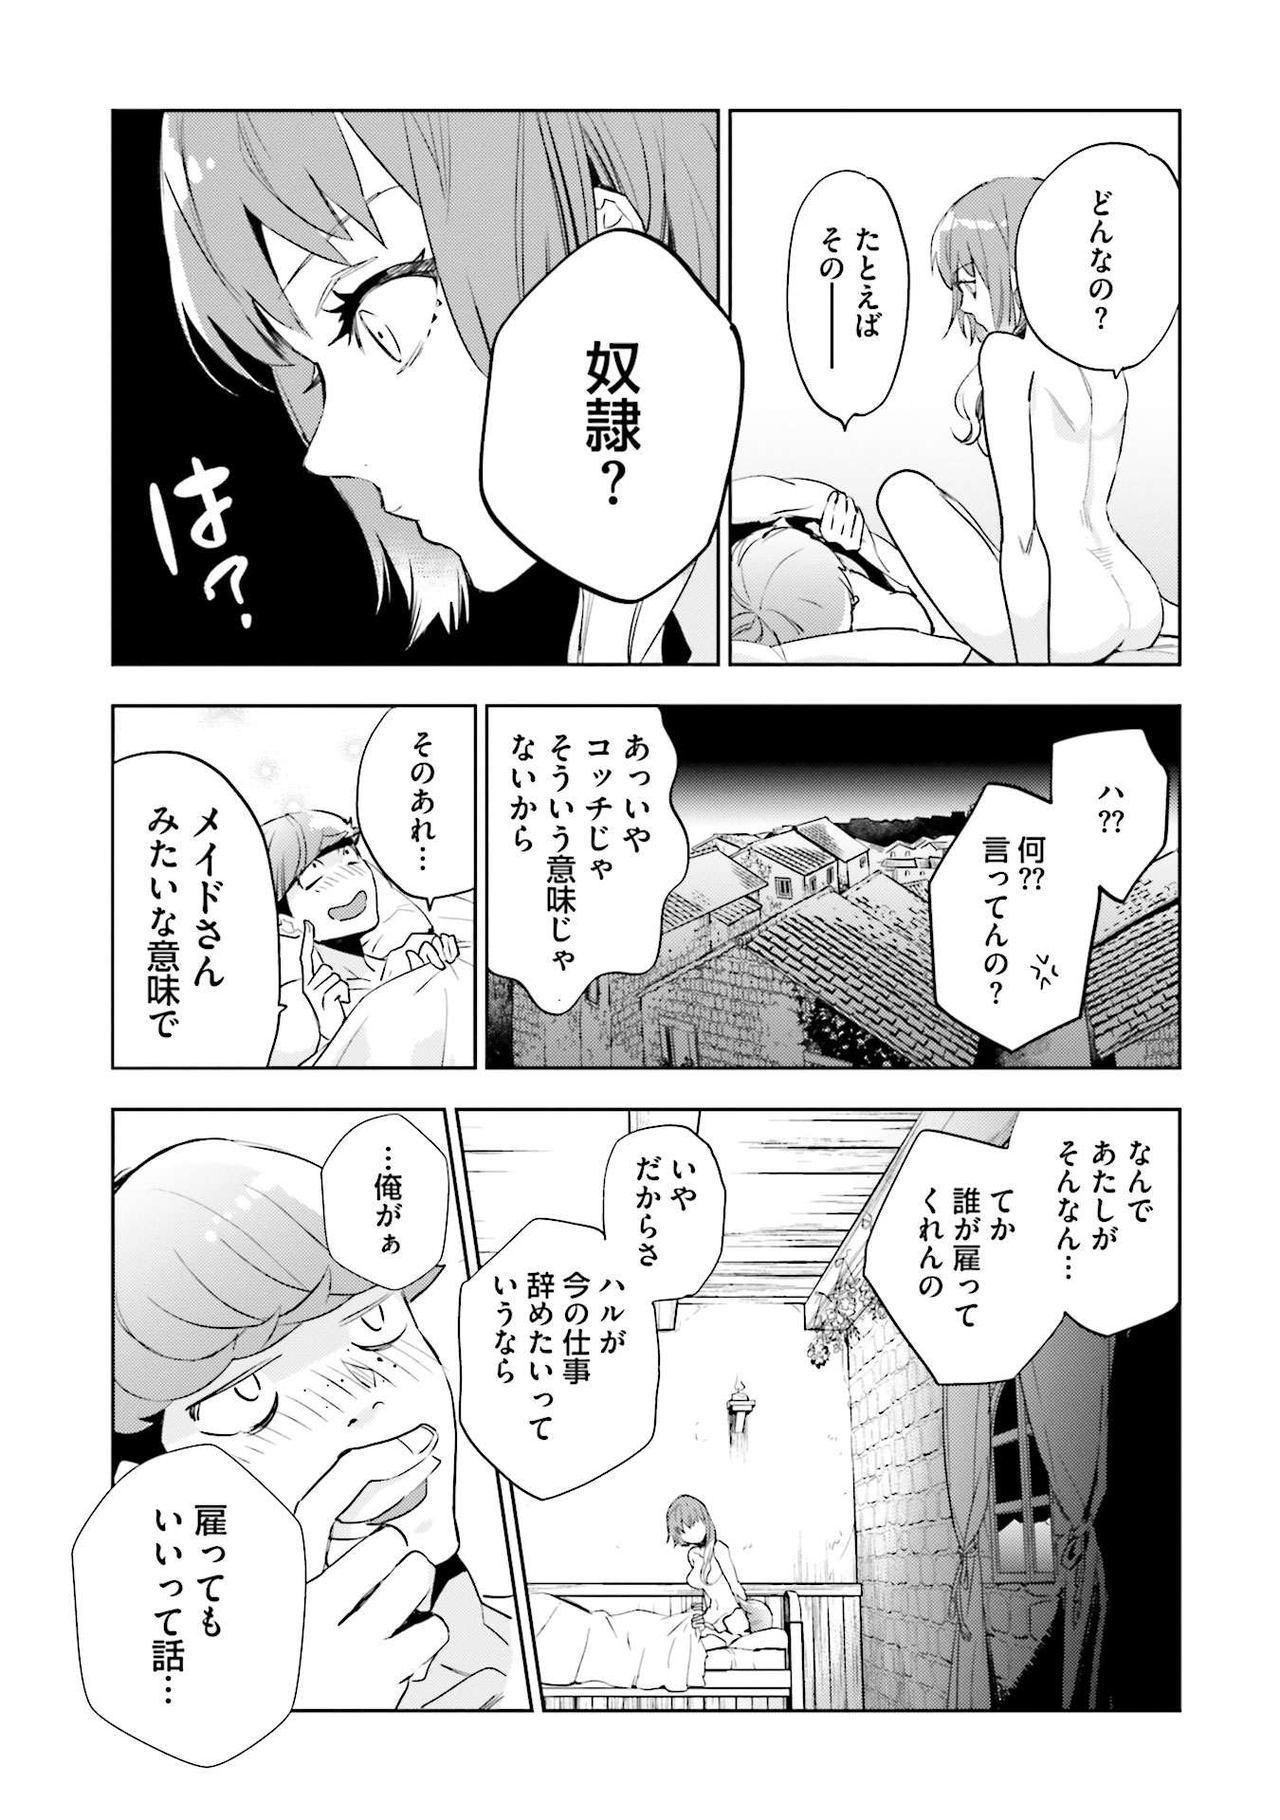 JK Haru wa Isekai de Shoufu ni Natta 1-14 36